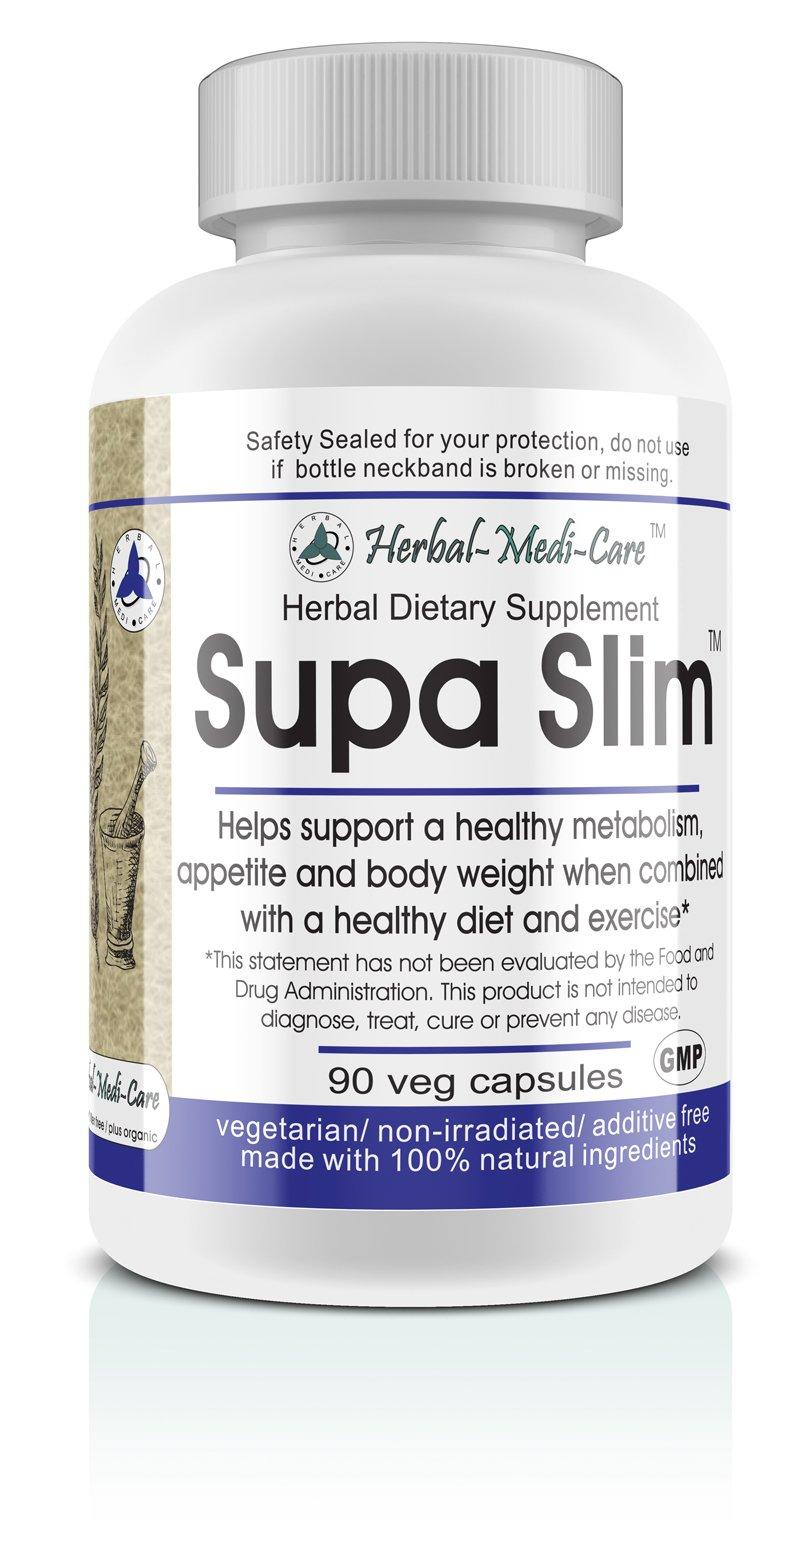 Herbal-Medi-Care Whole Food Supa Slim (Metabolism) Vegetarian Capsules; 90-Count